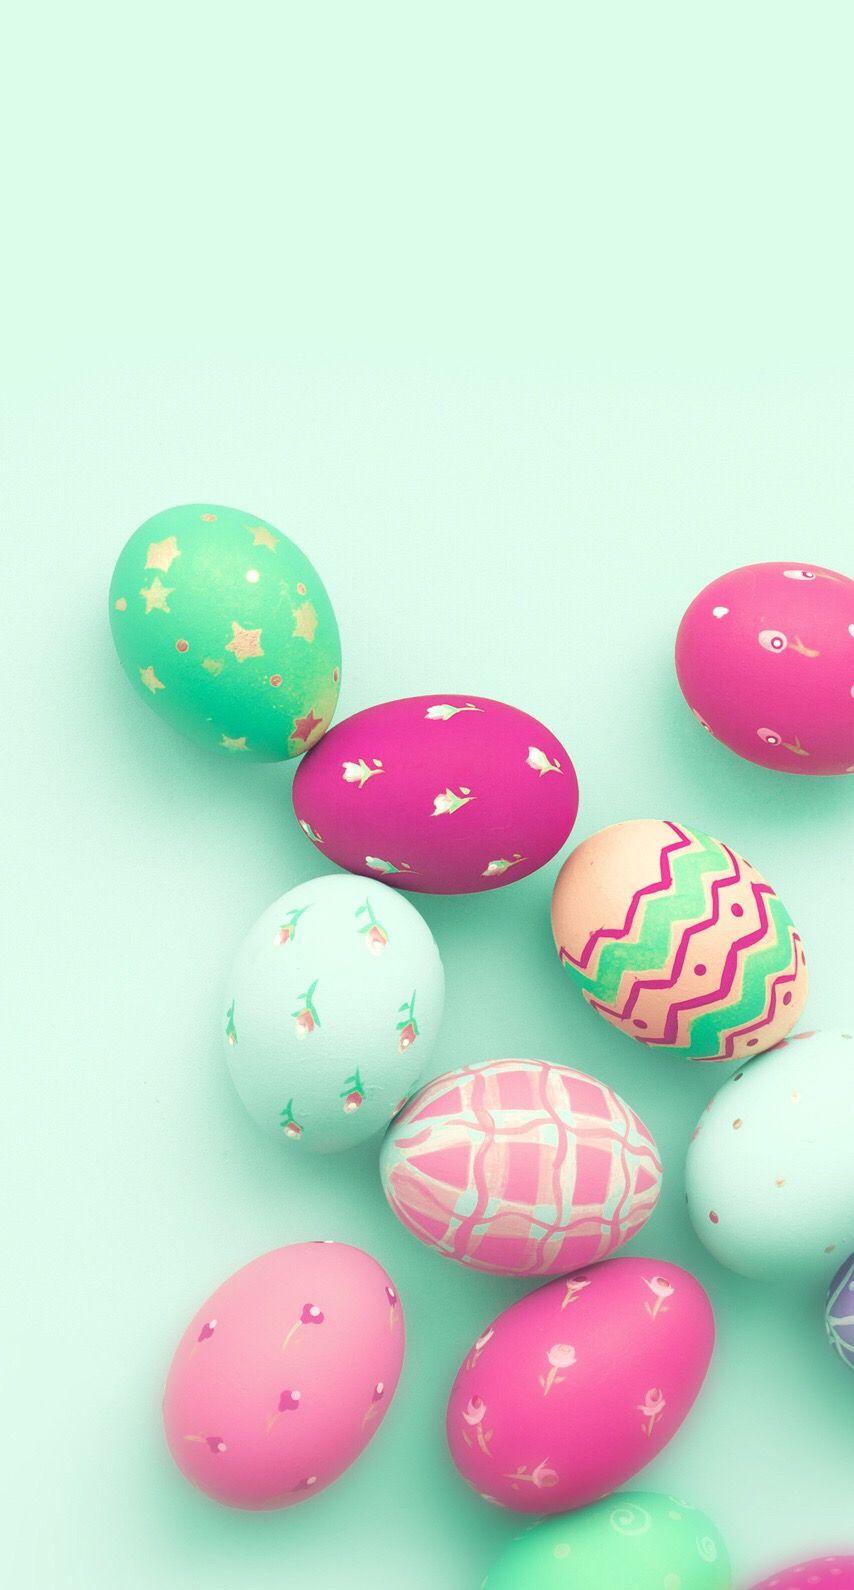 Pin By Lisa Loyd On Easter Greetings In 2019 Easter